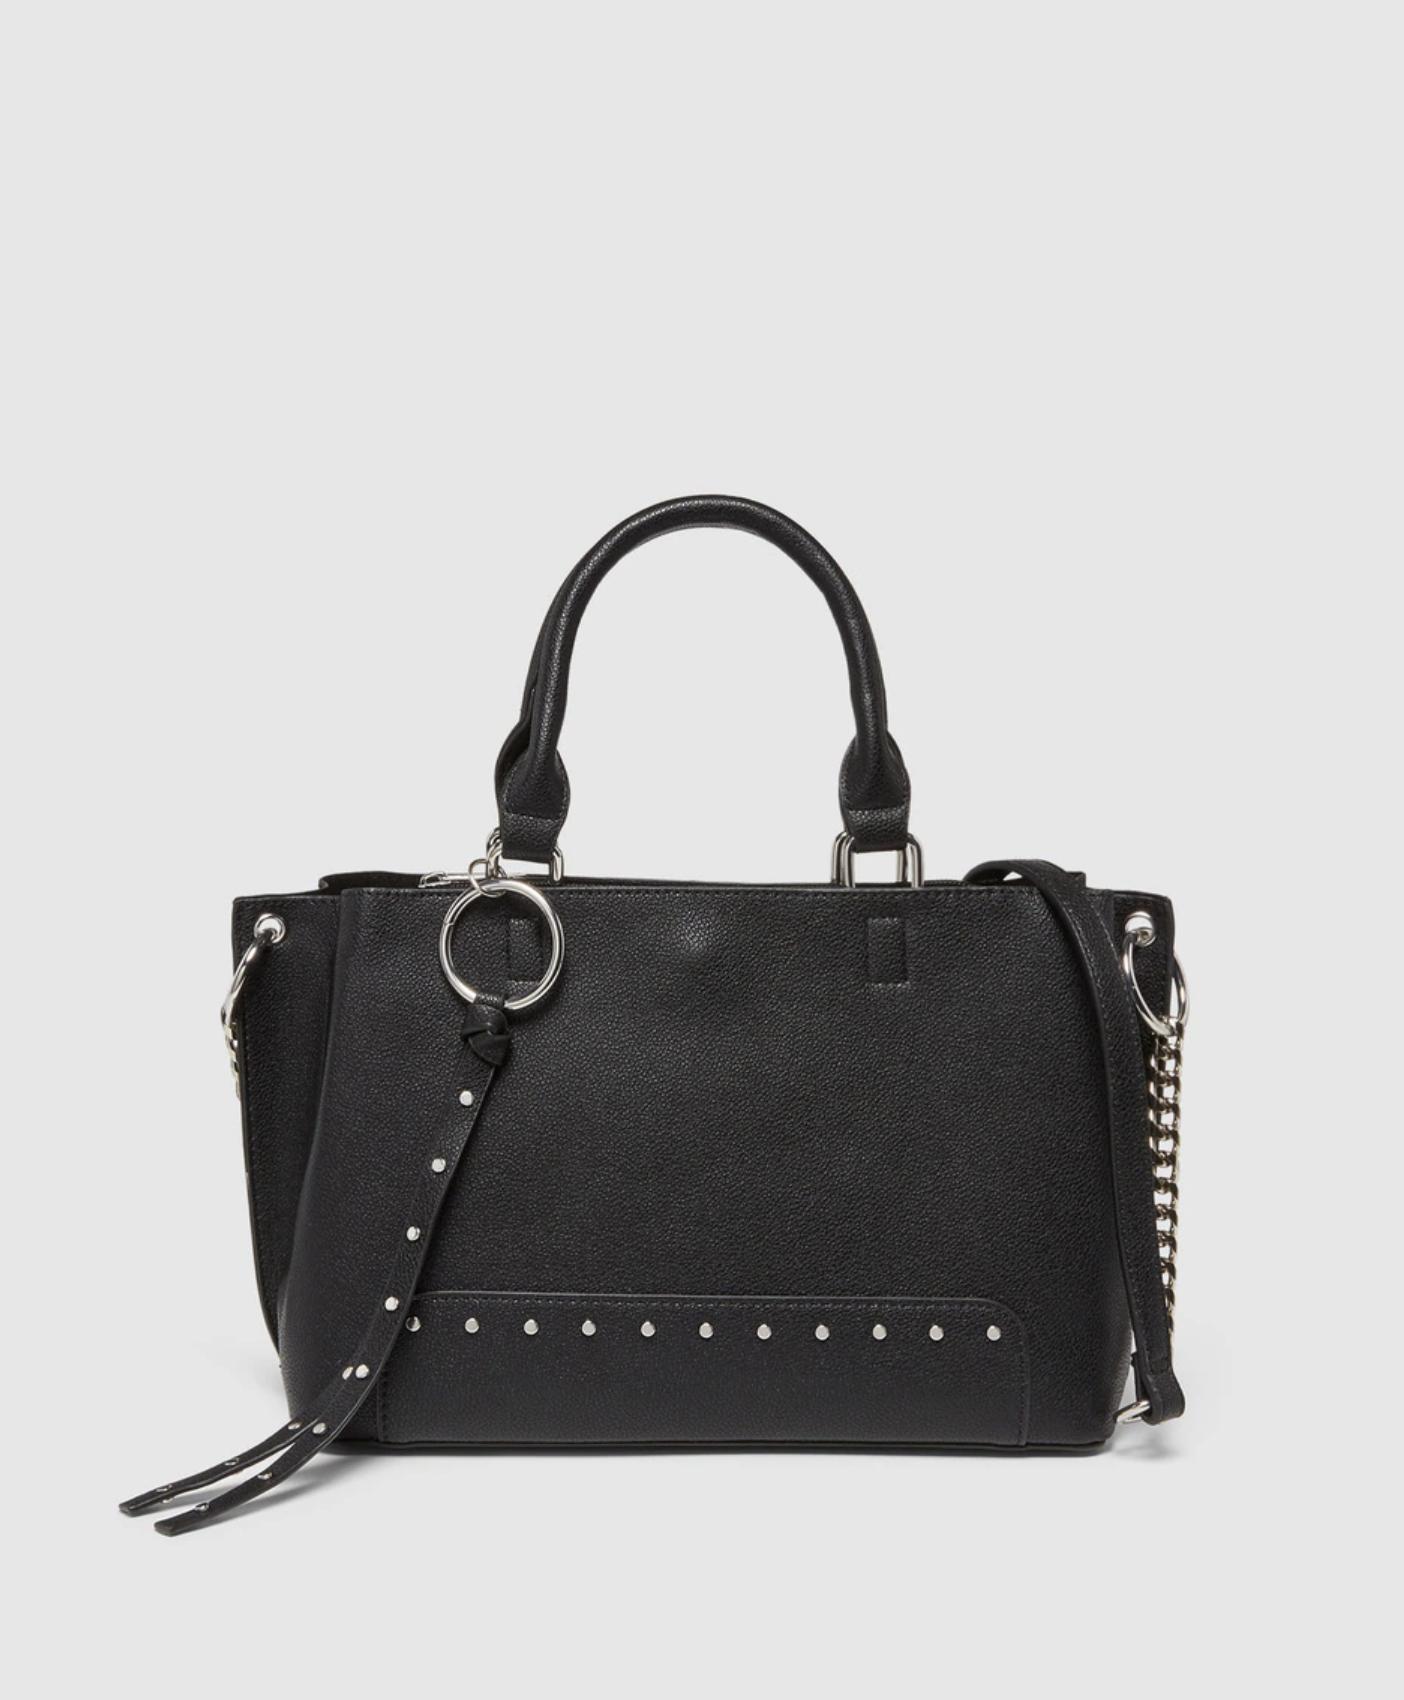 Bolso shopper El Corte Inglés en negro con tachas